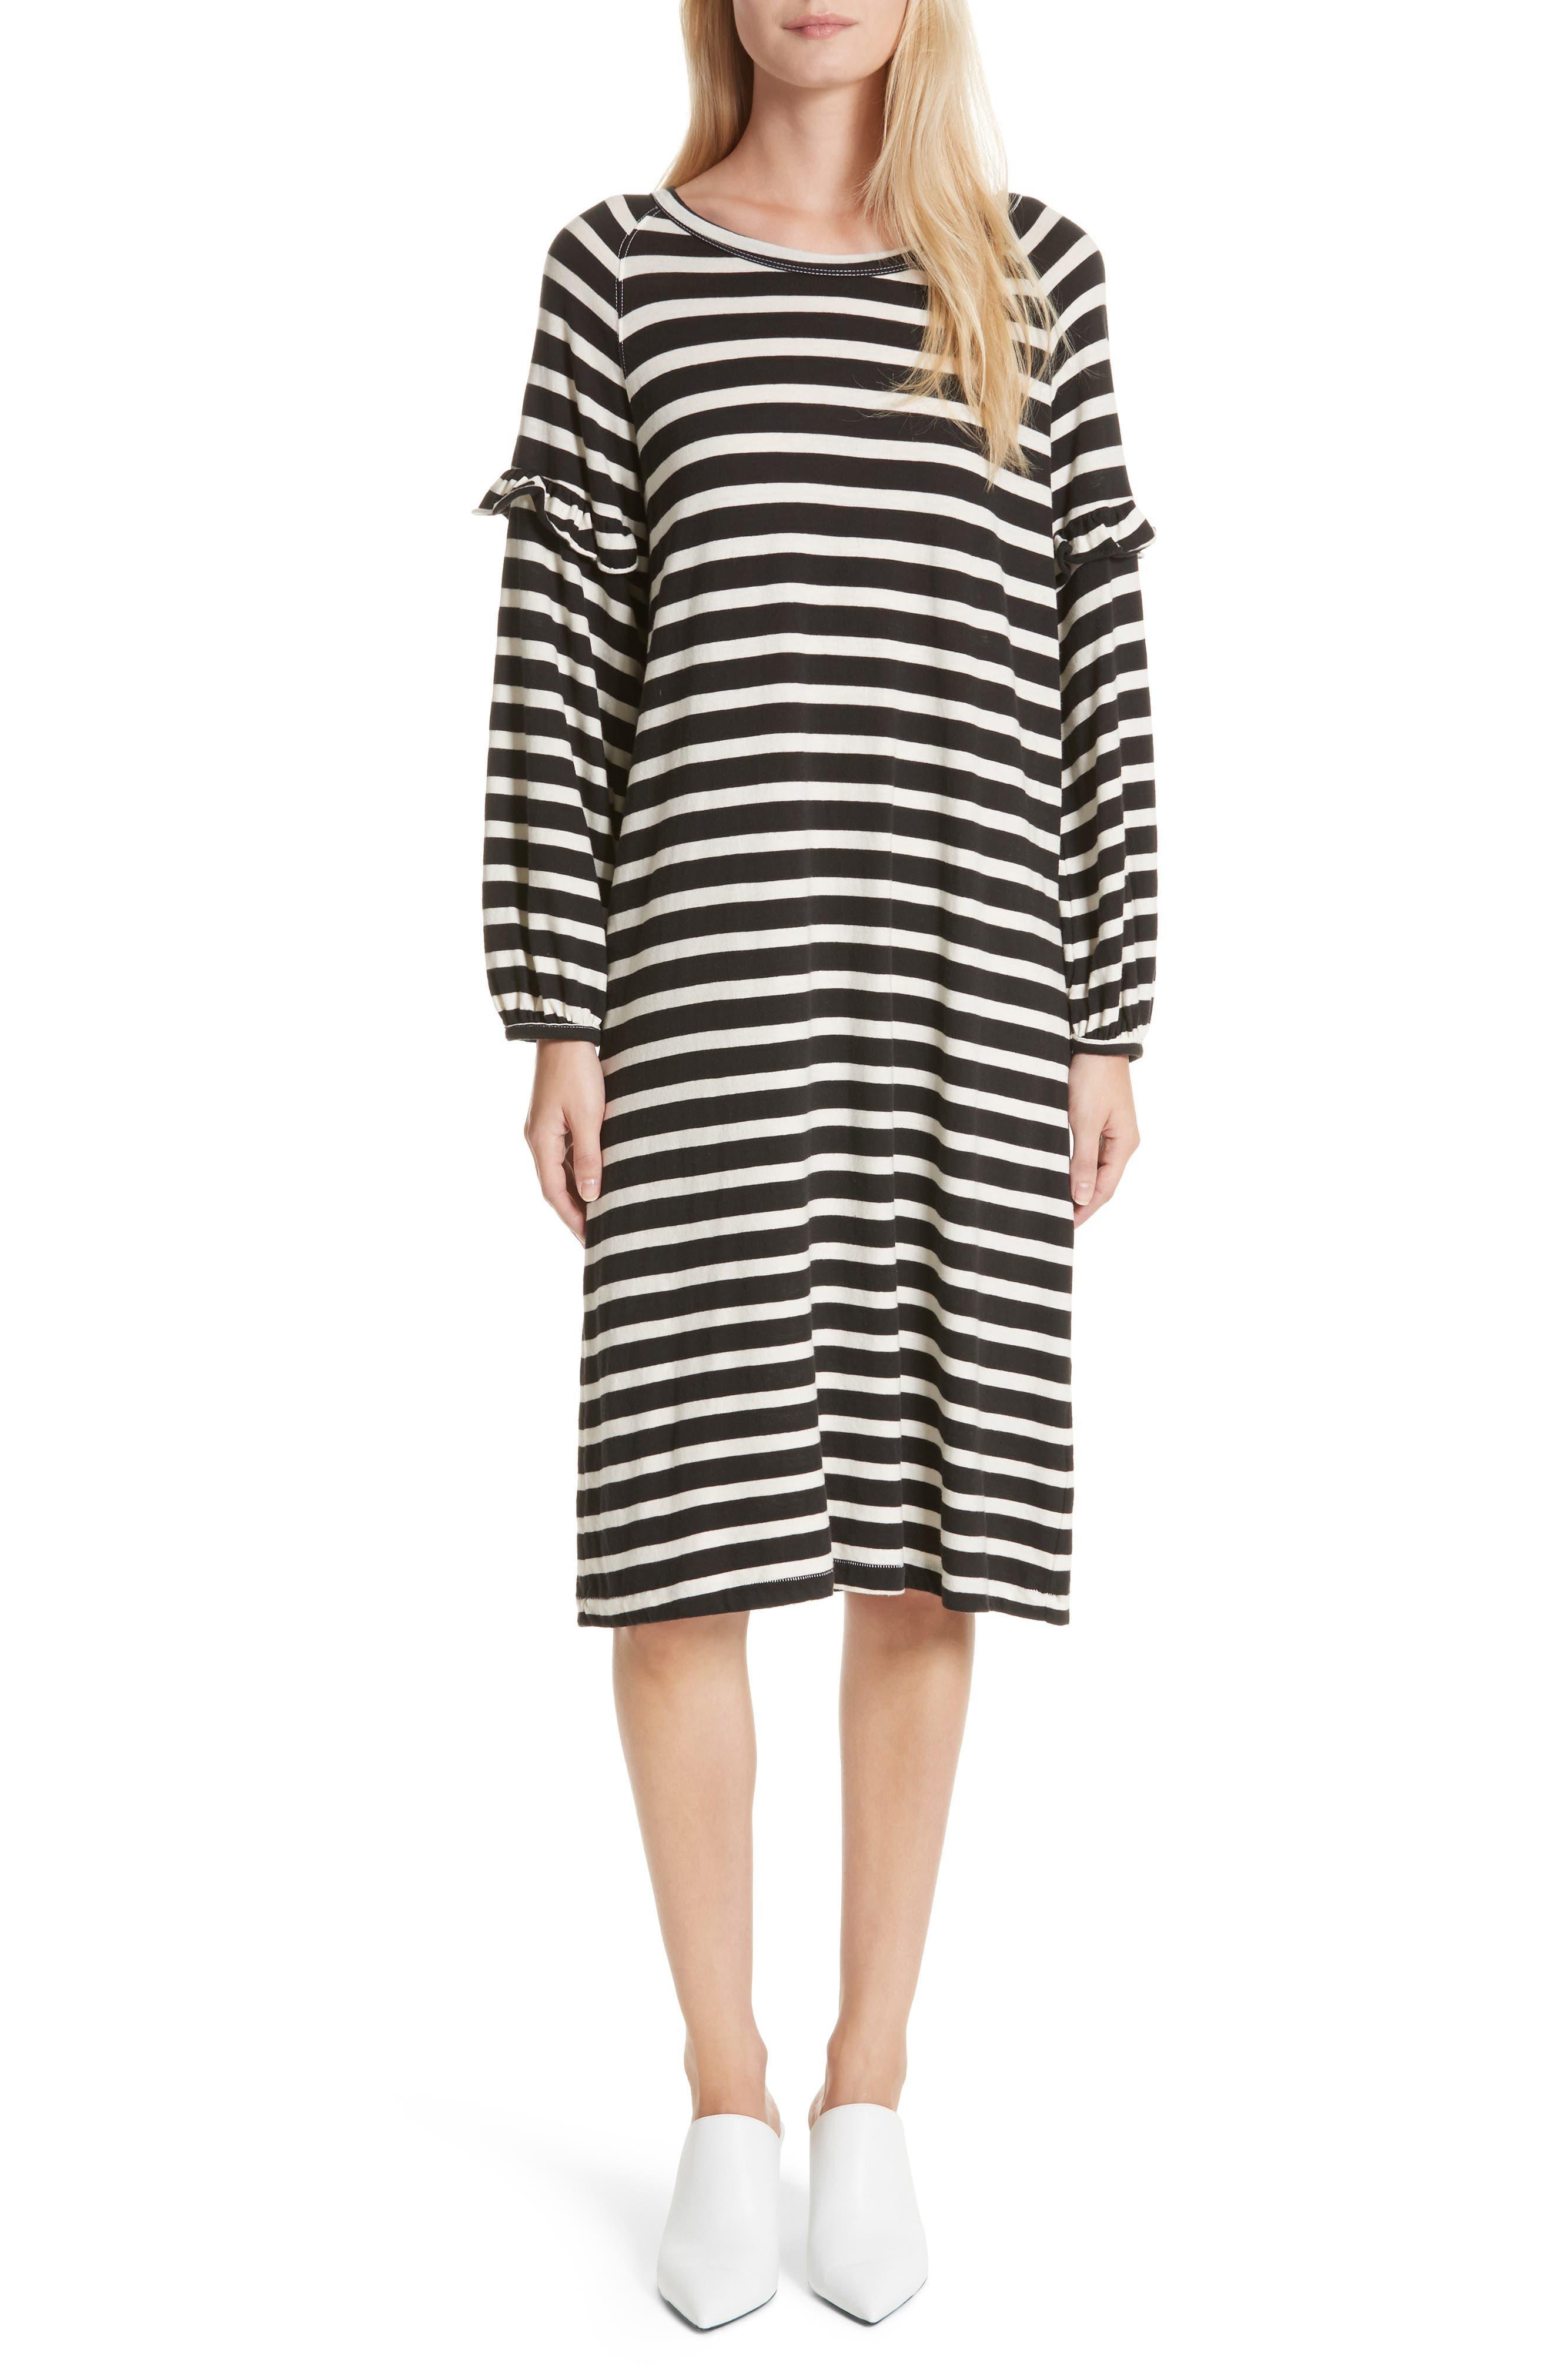 THE GREAT. The Raglan Ruffle Dress